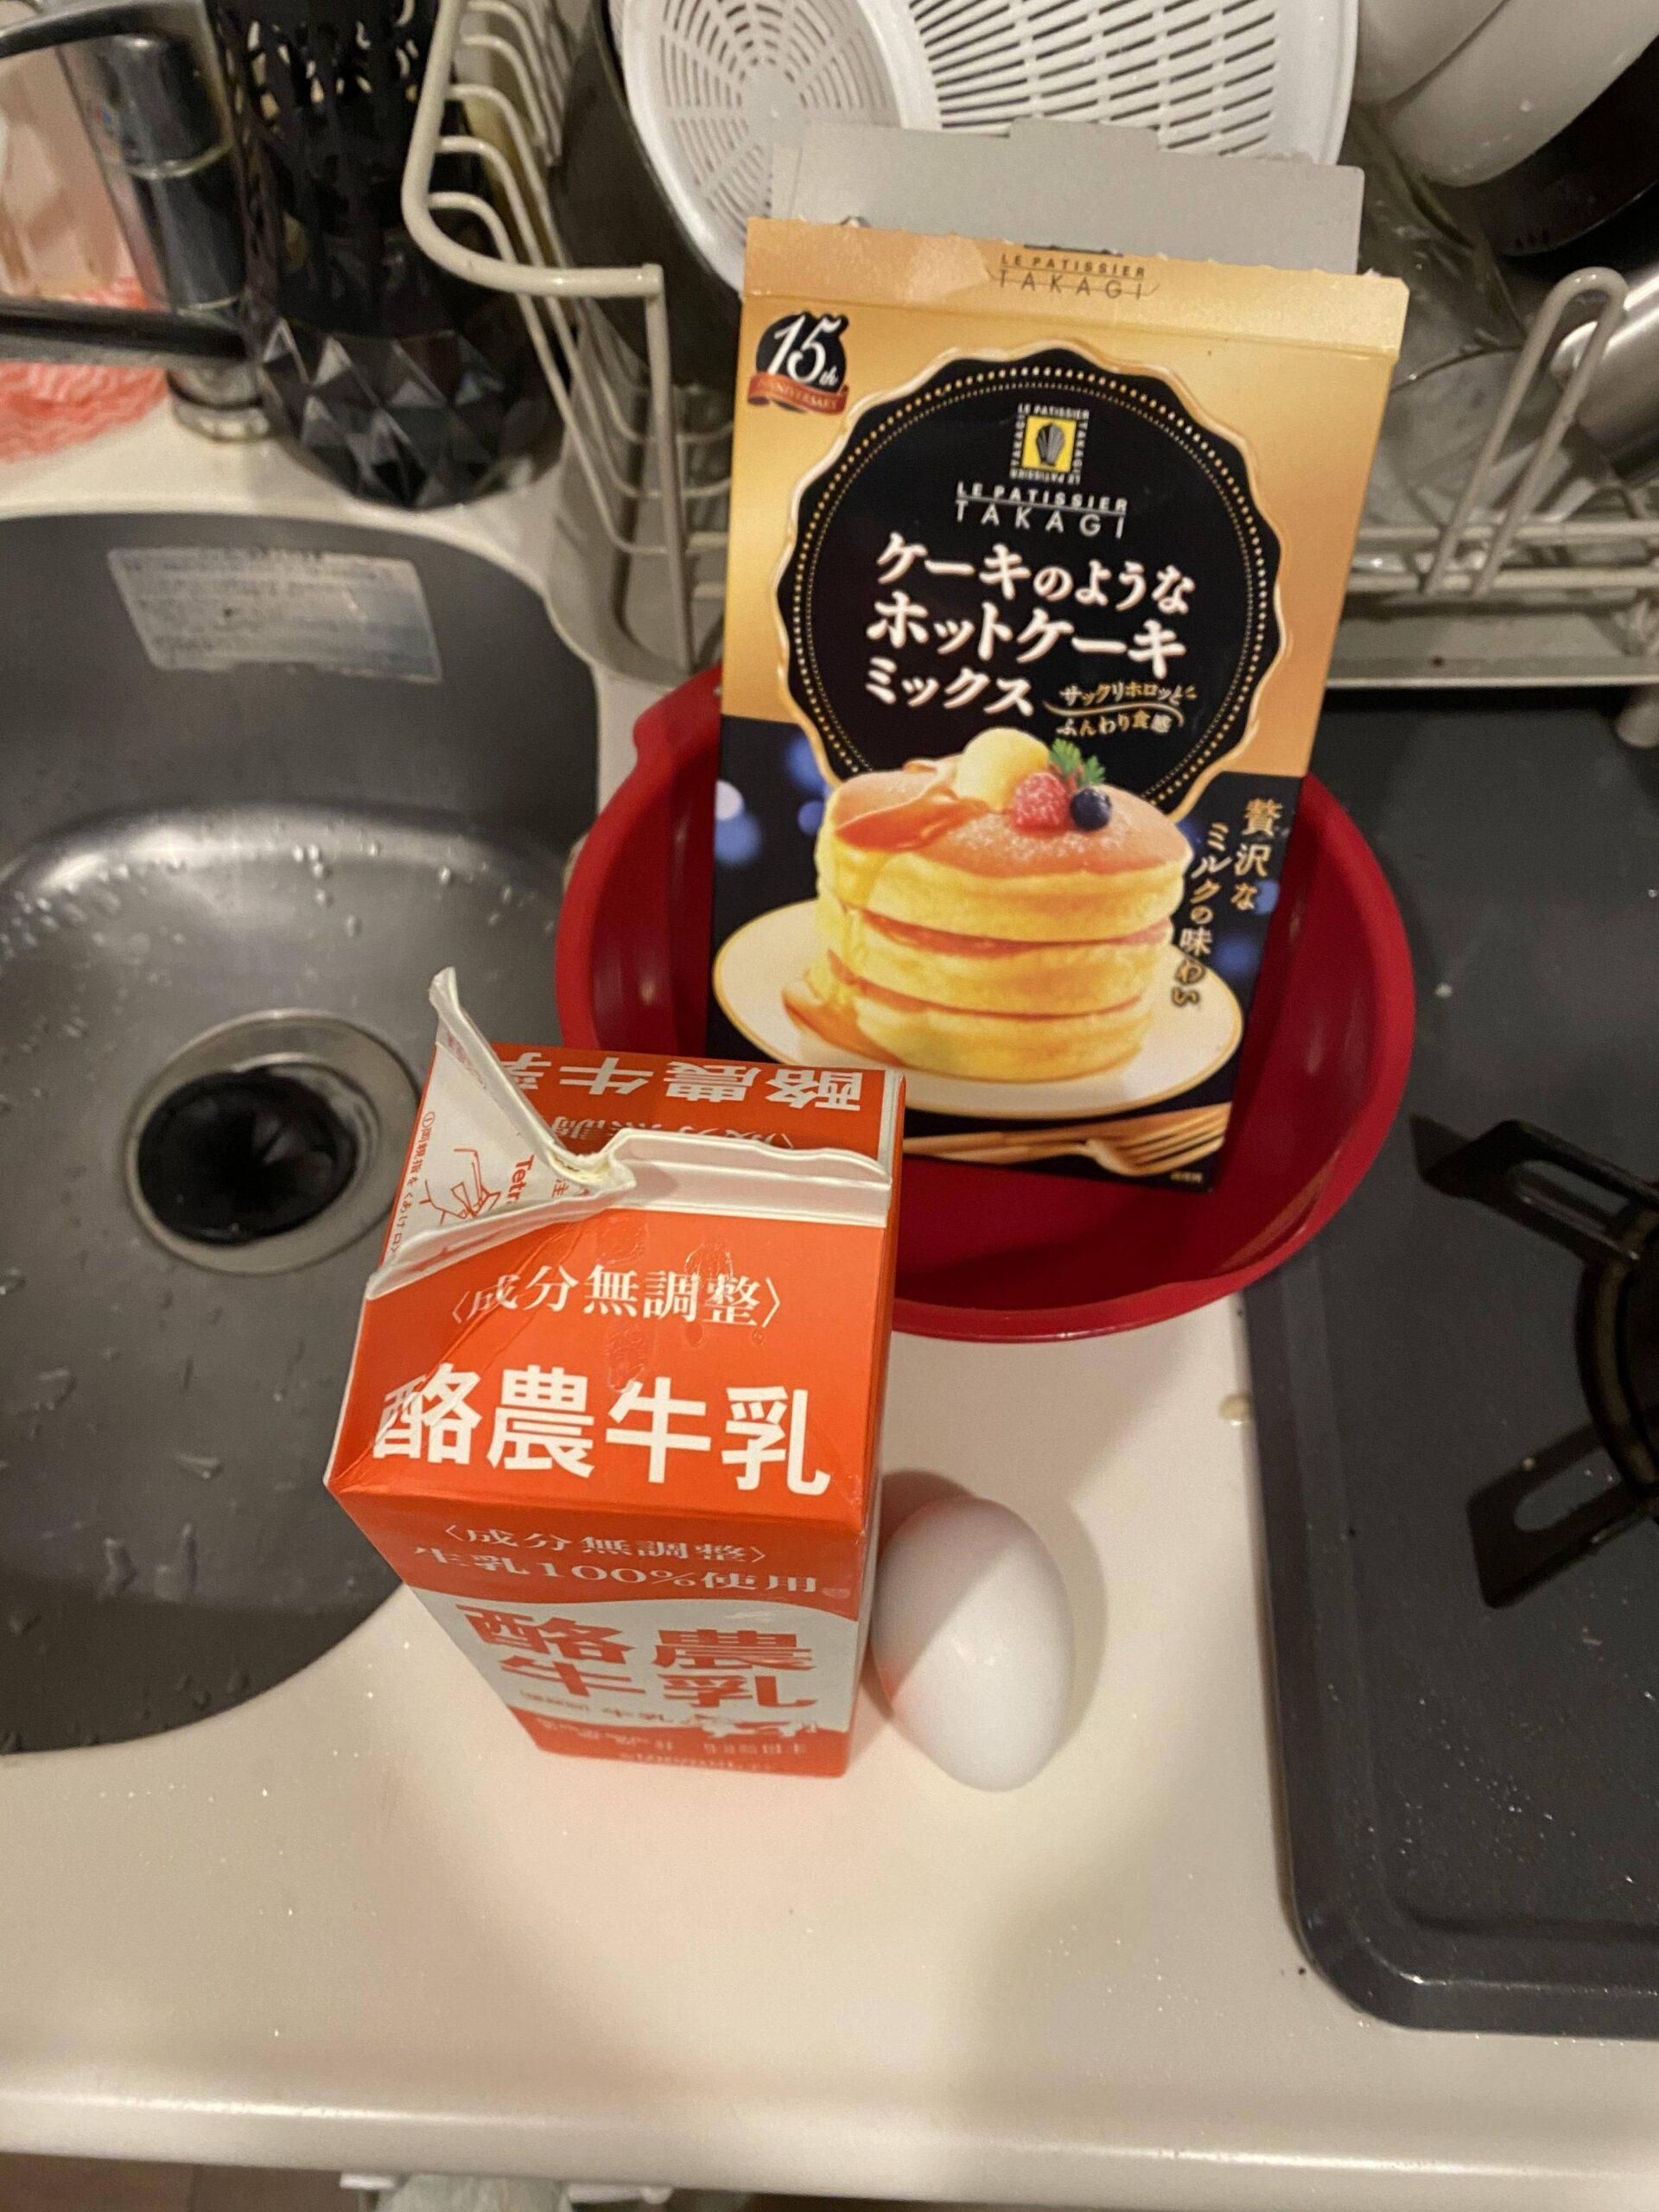 【画像】おっさんだけどパンケーキ作るよー!